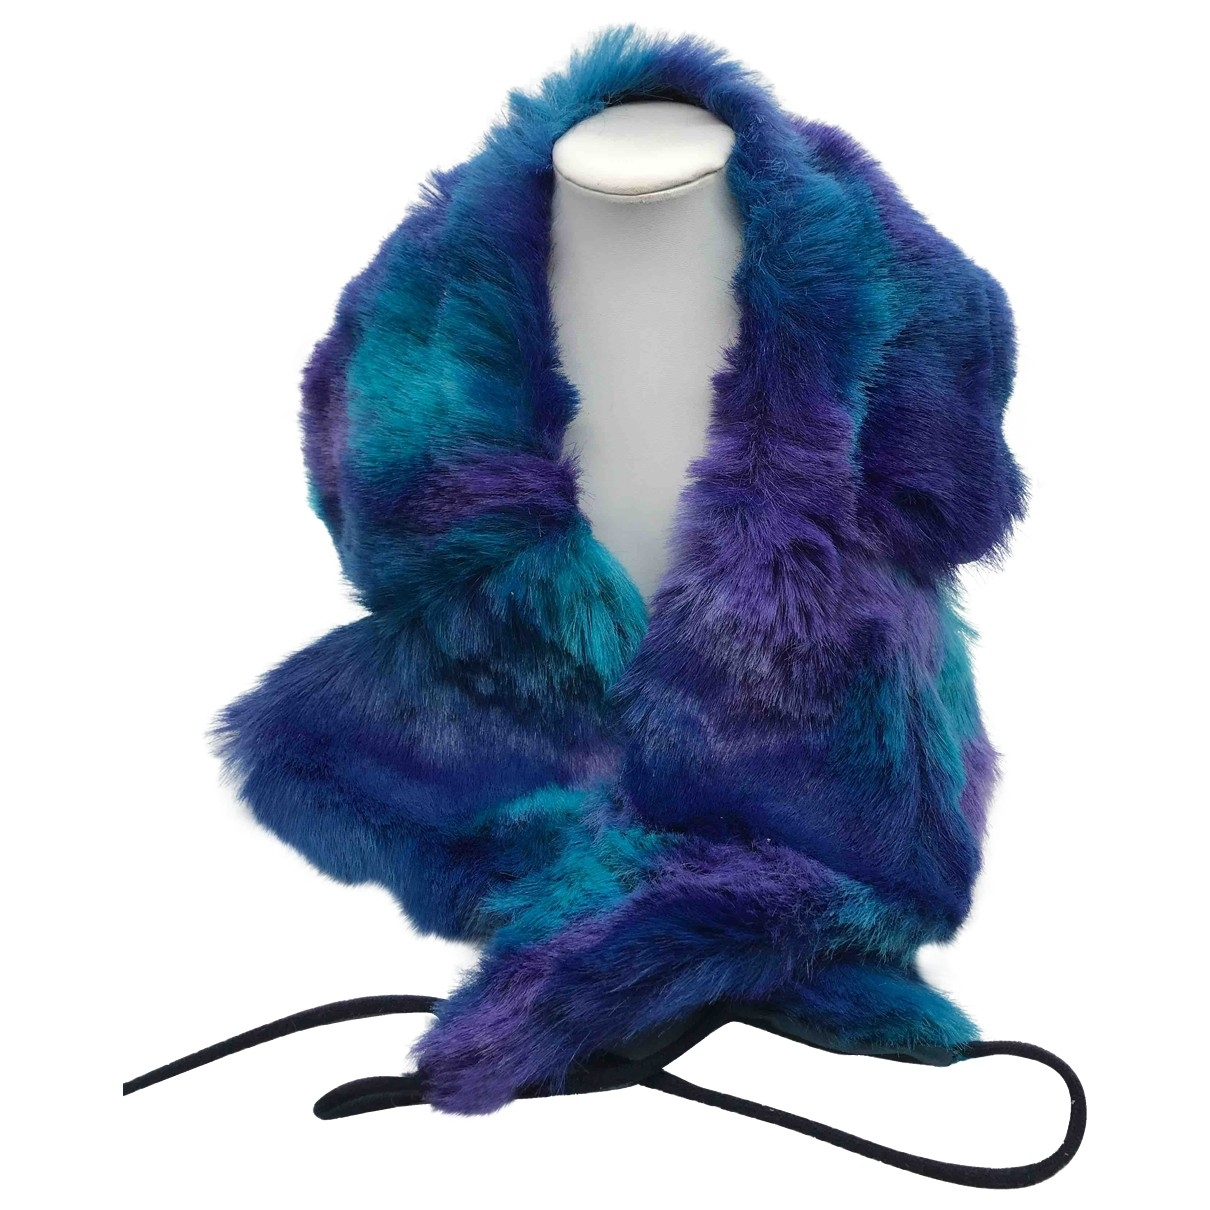 Versace Jean - Foulard   pour femme - multicolore